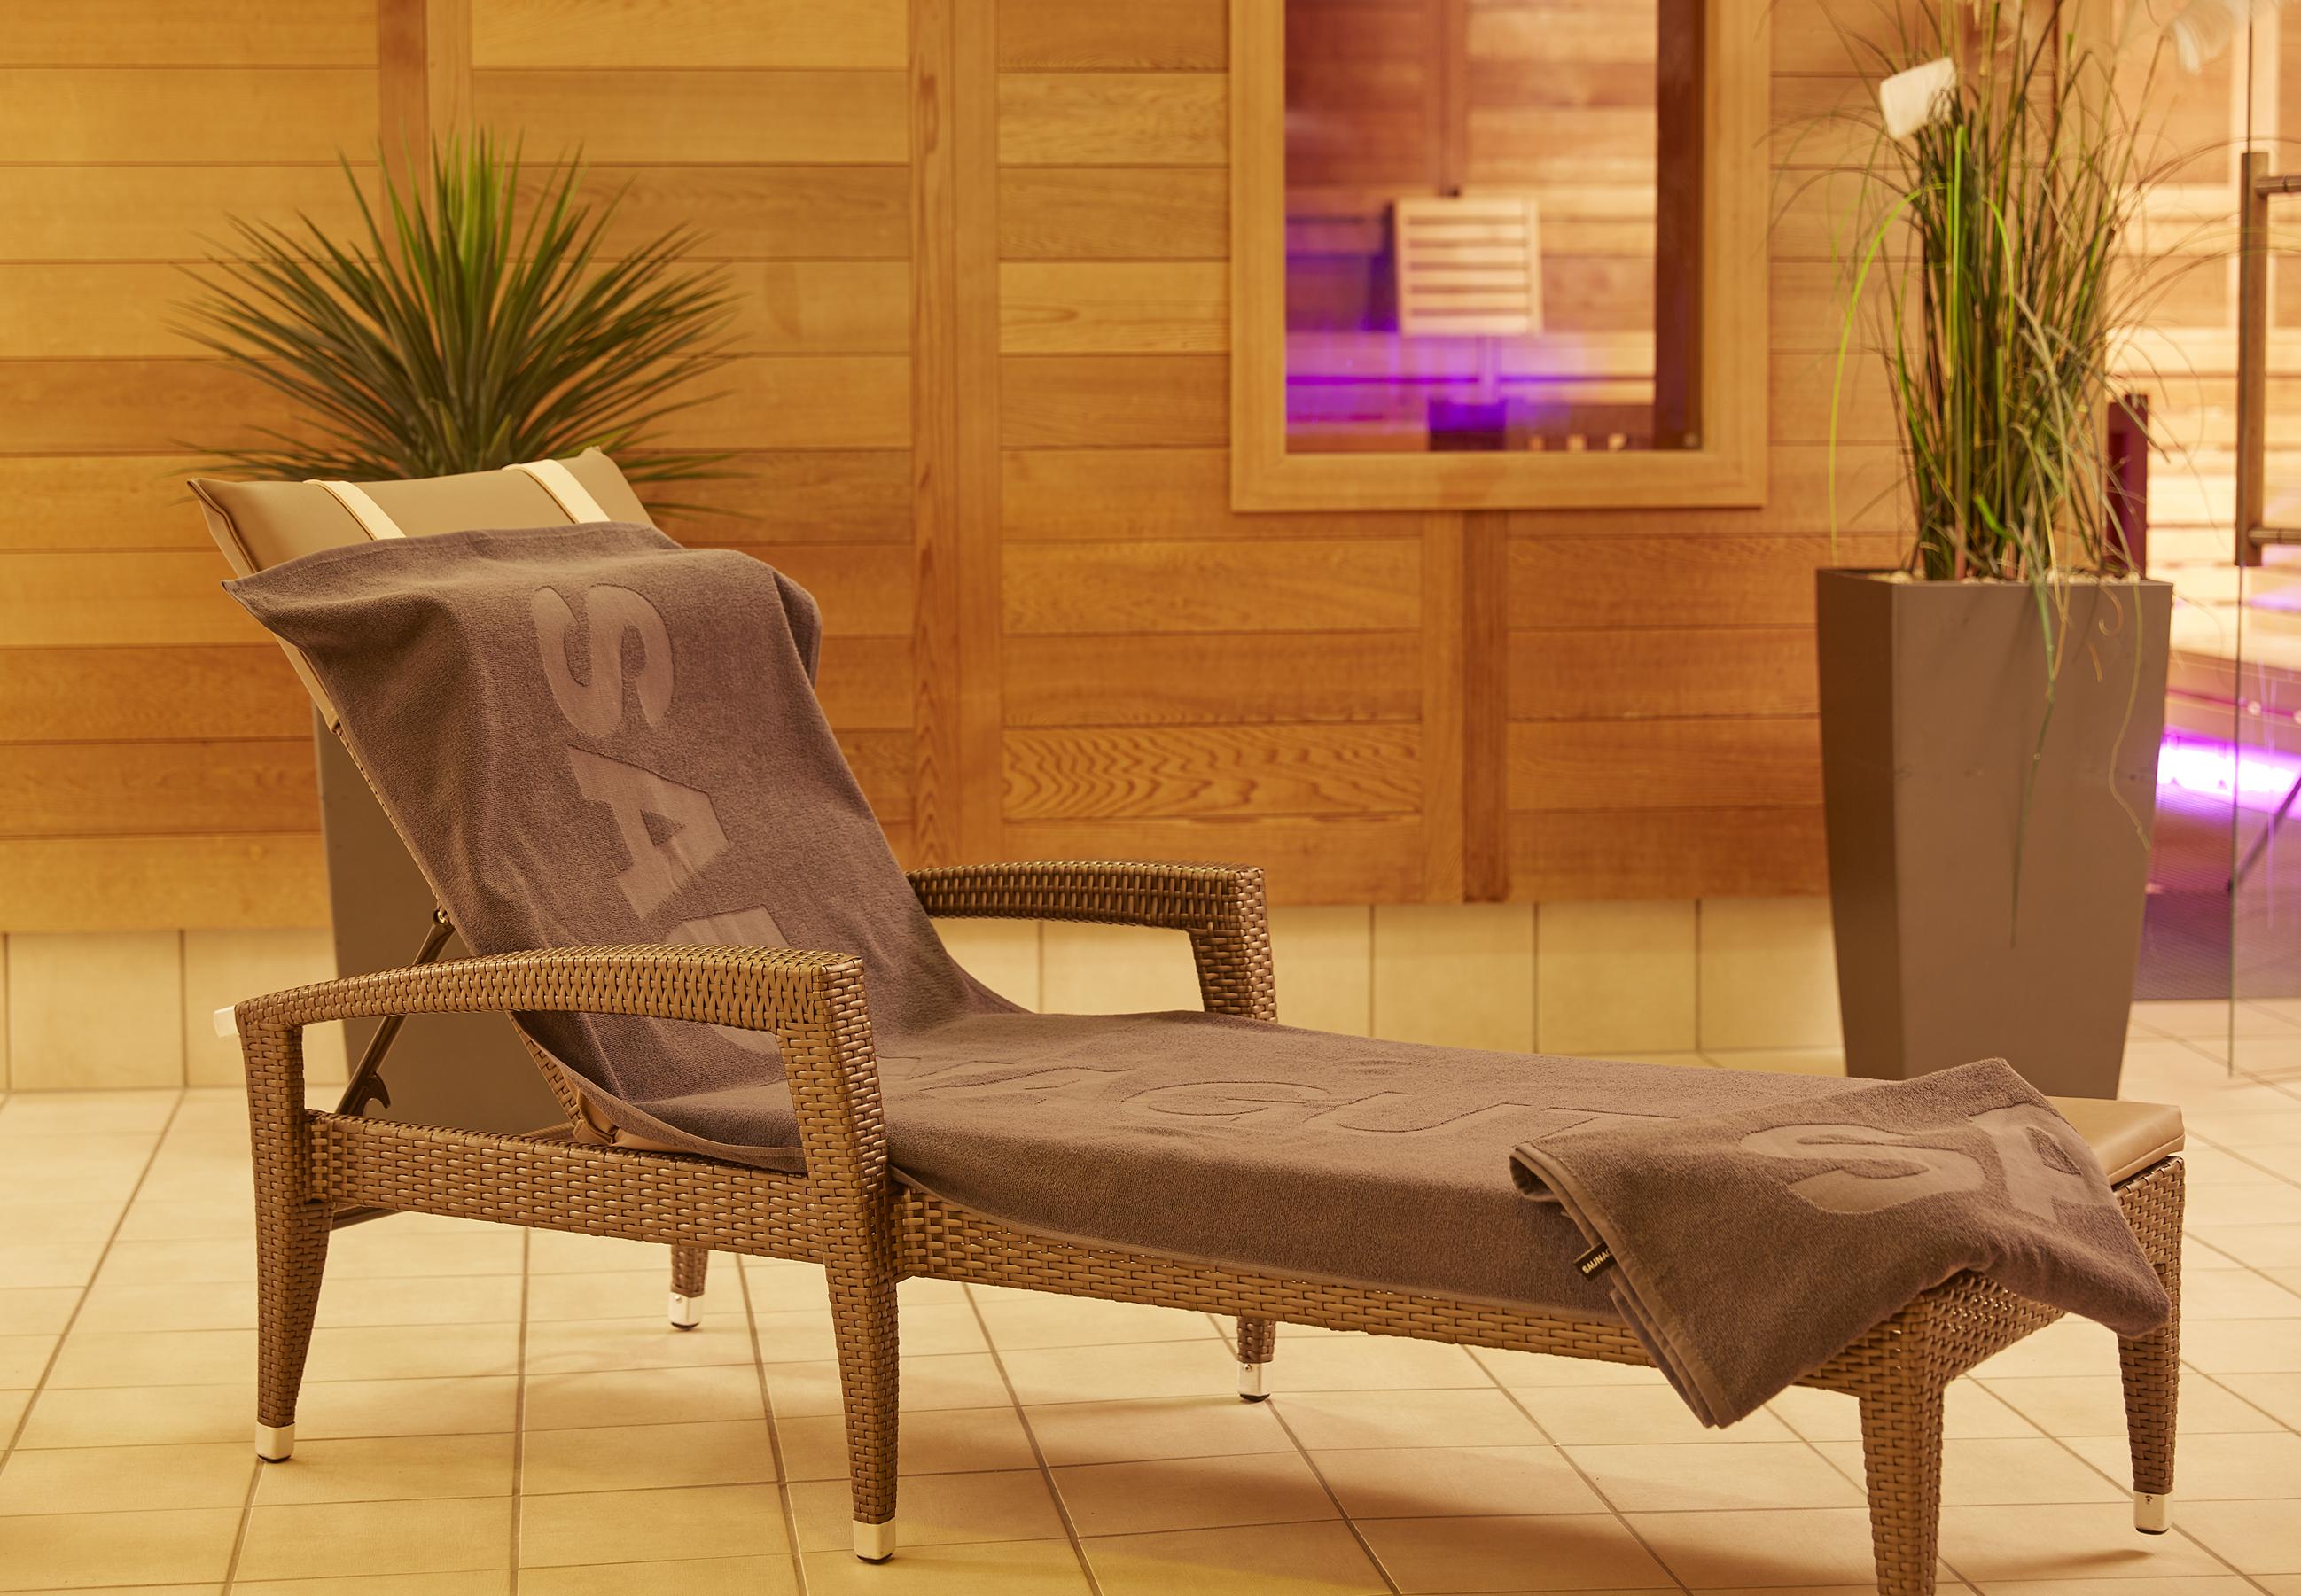 Saunatuch-SAUNAGUT®, 70 x 180 cm, Zwirnfrottier zu ca. 450 g/m2, 100 % Baumwolle